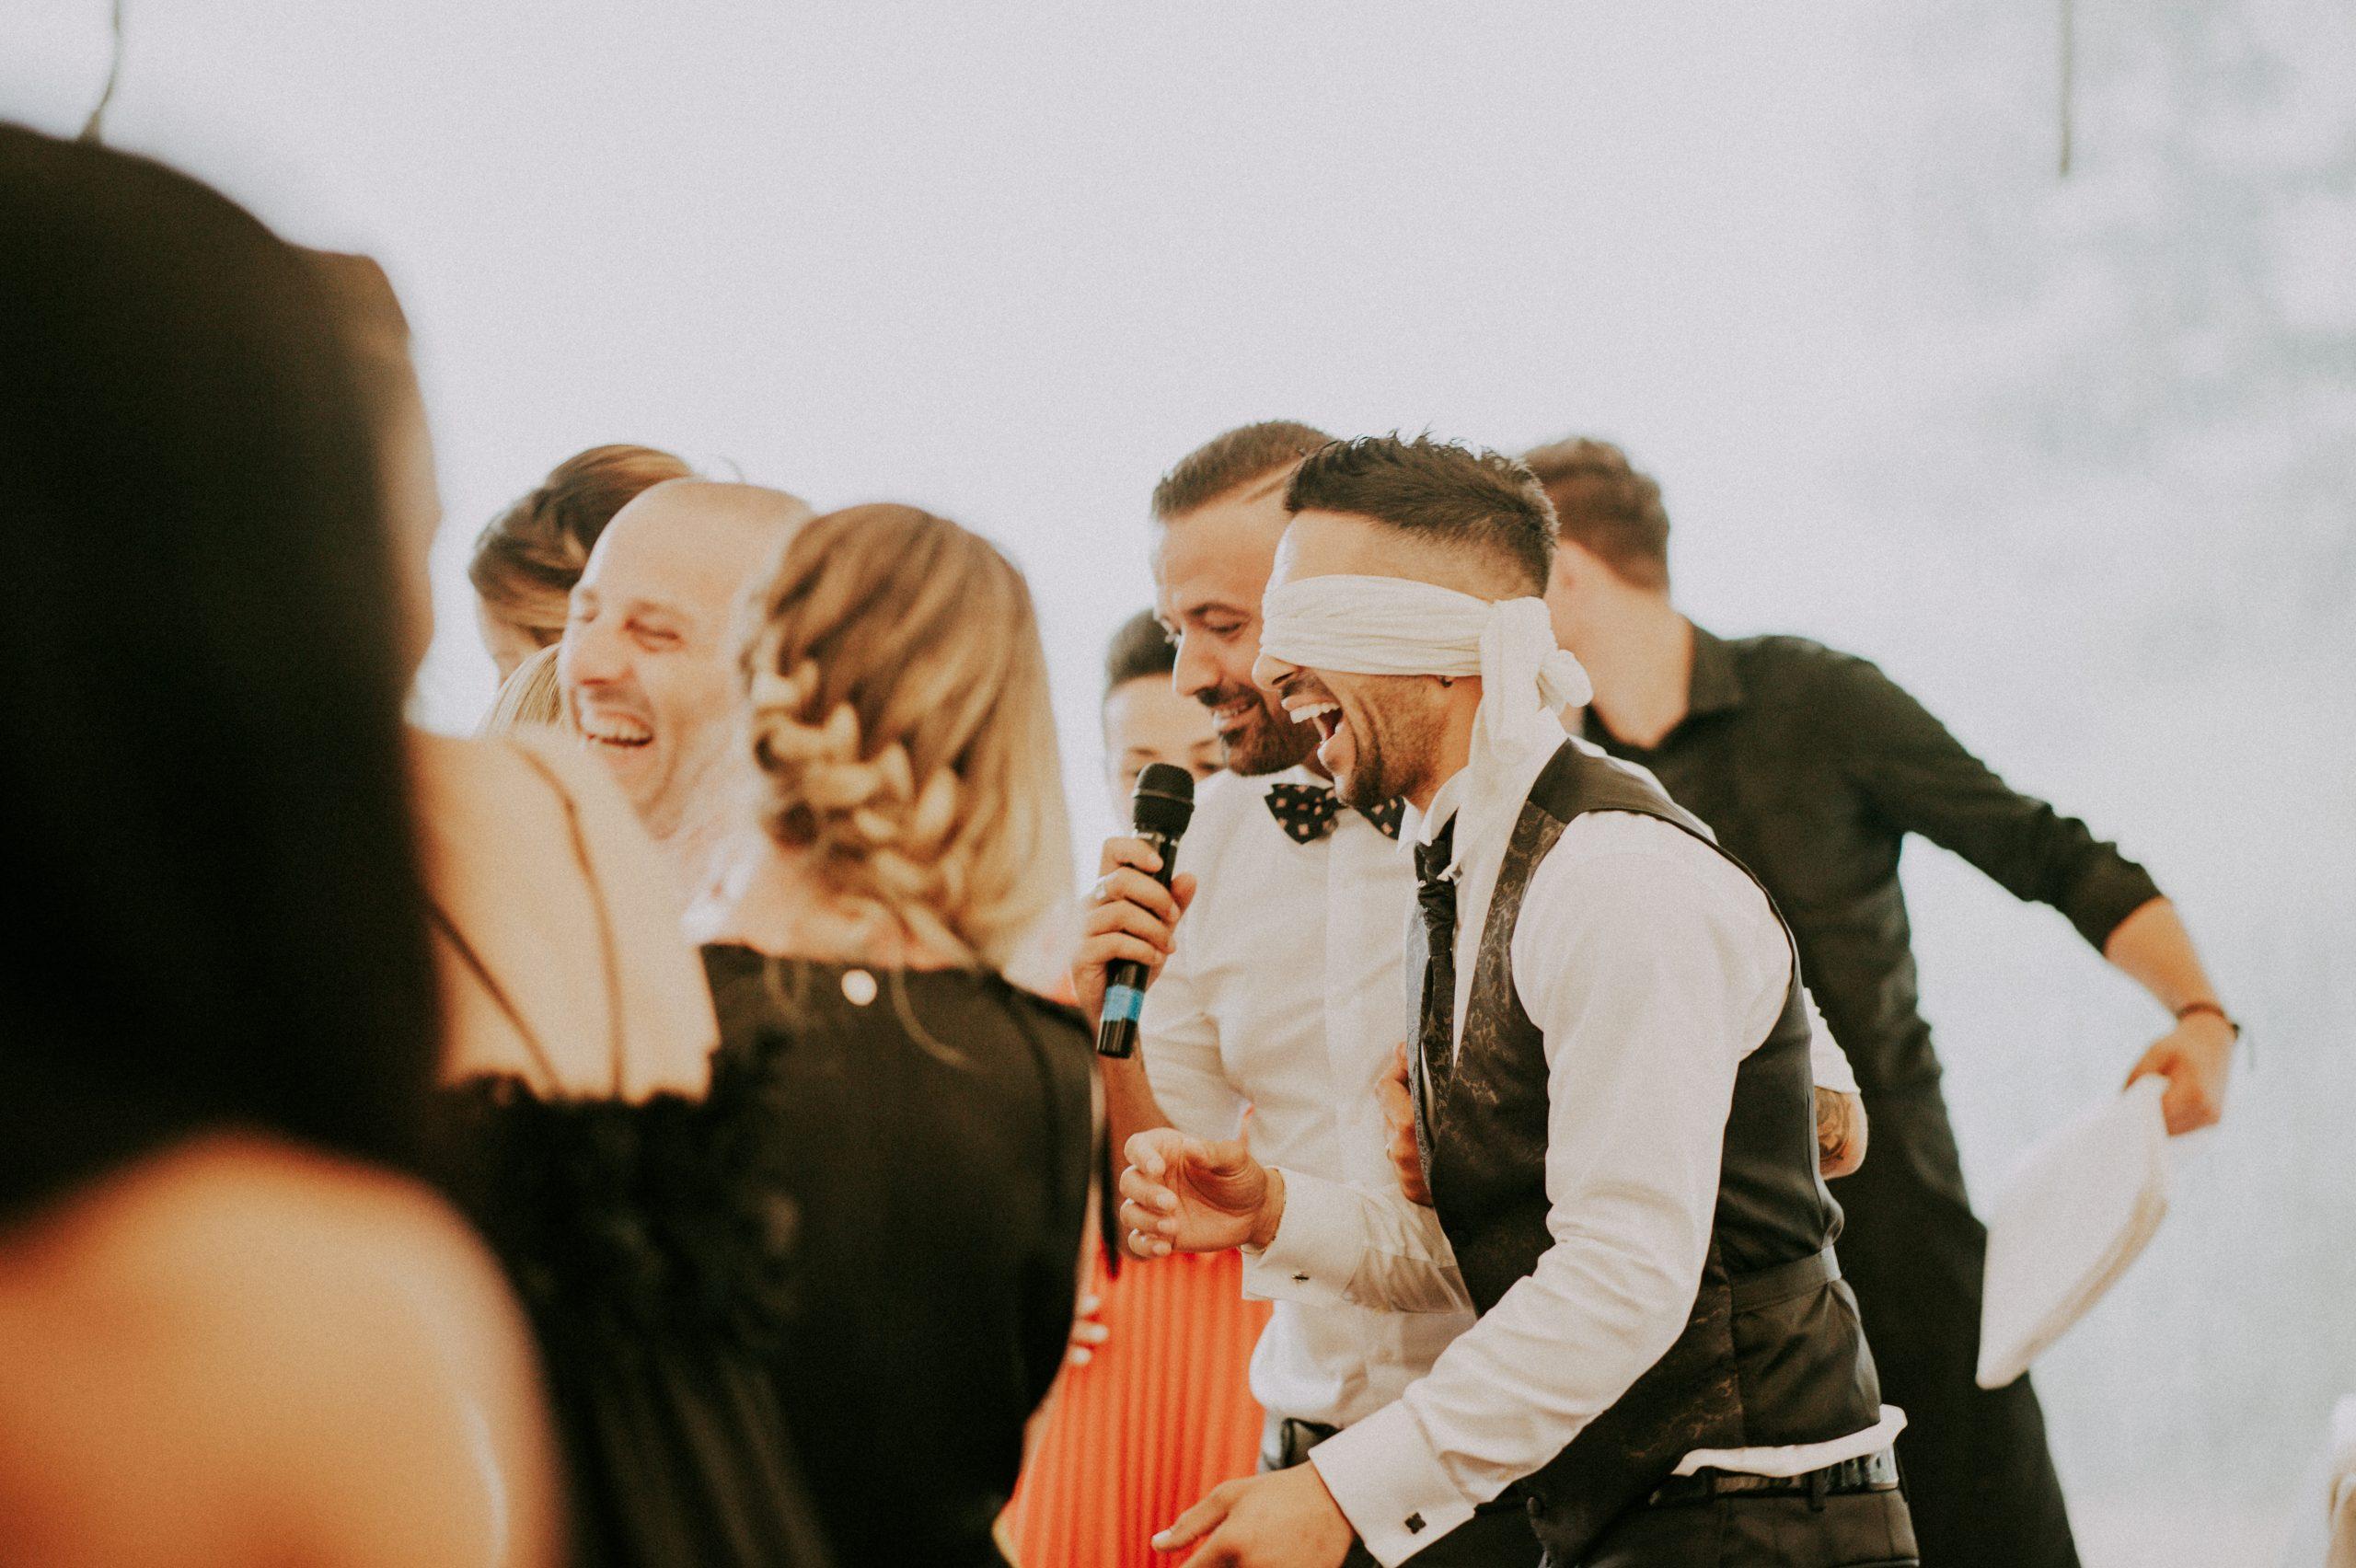 Giochi sposi al matrimonio